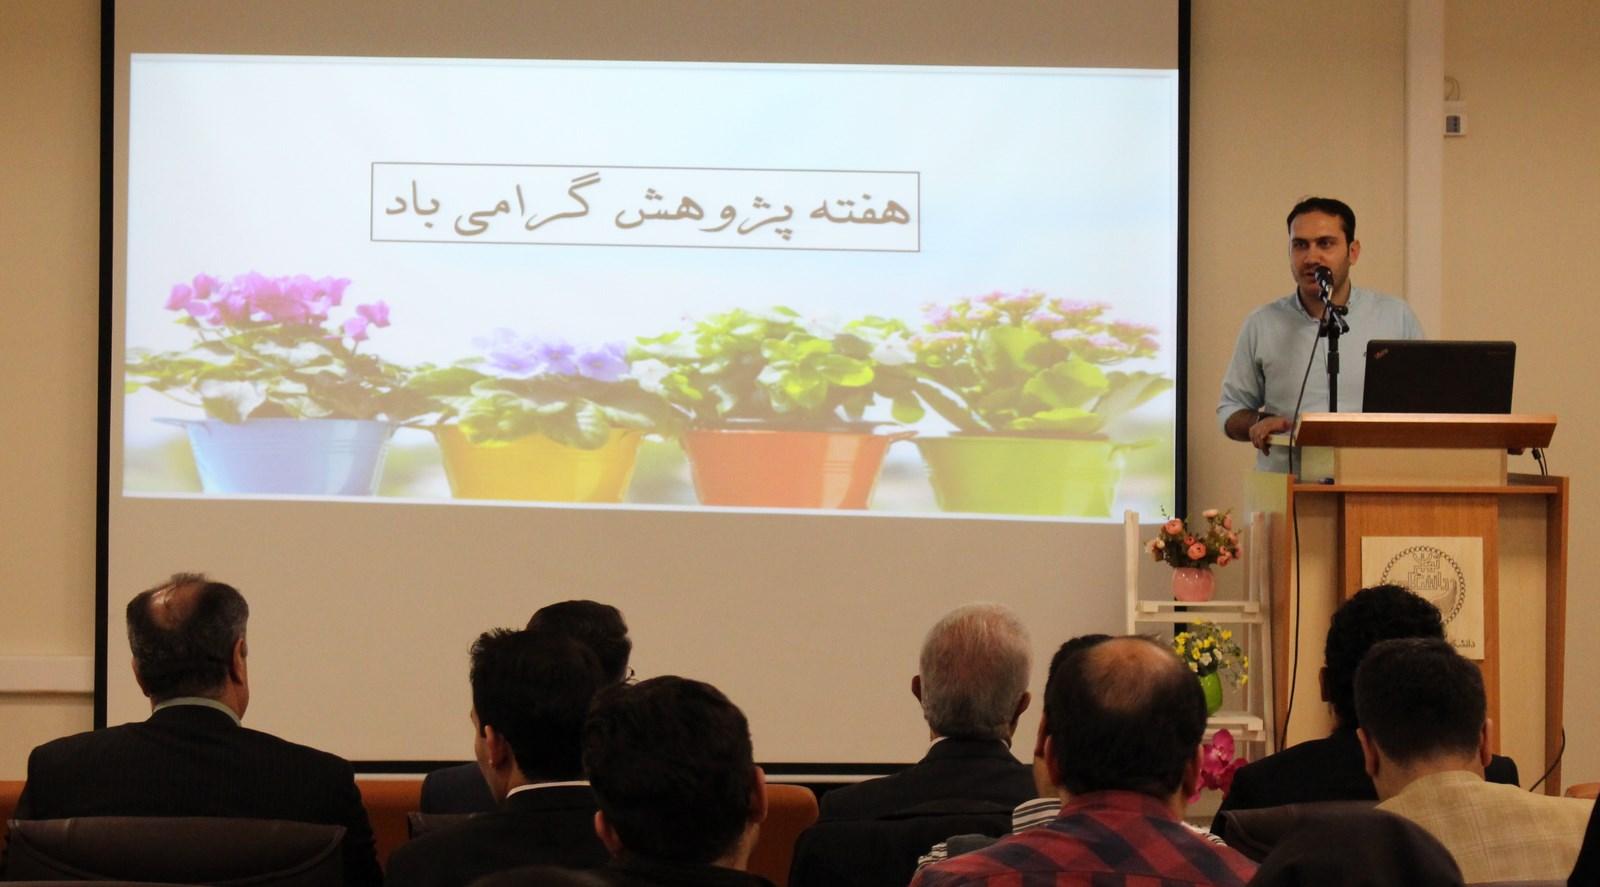 مراسم هفته پژوهش و تقدیر از برگزیدگان در دانشکده علوم وفنون نوین برگزار شد.